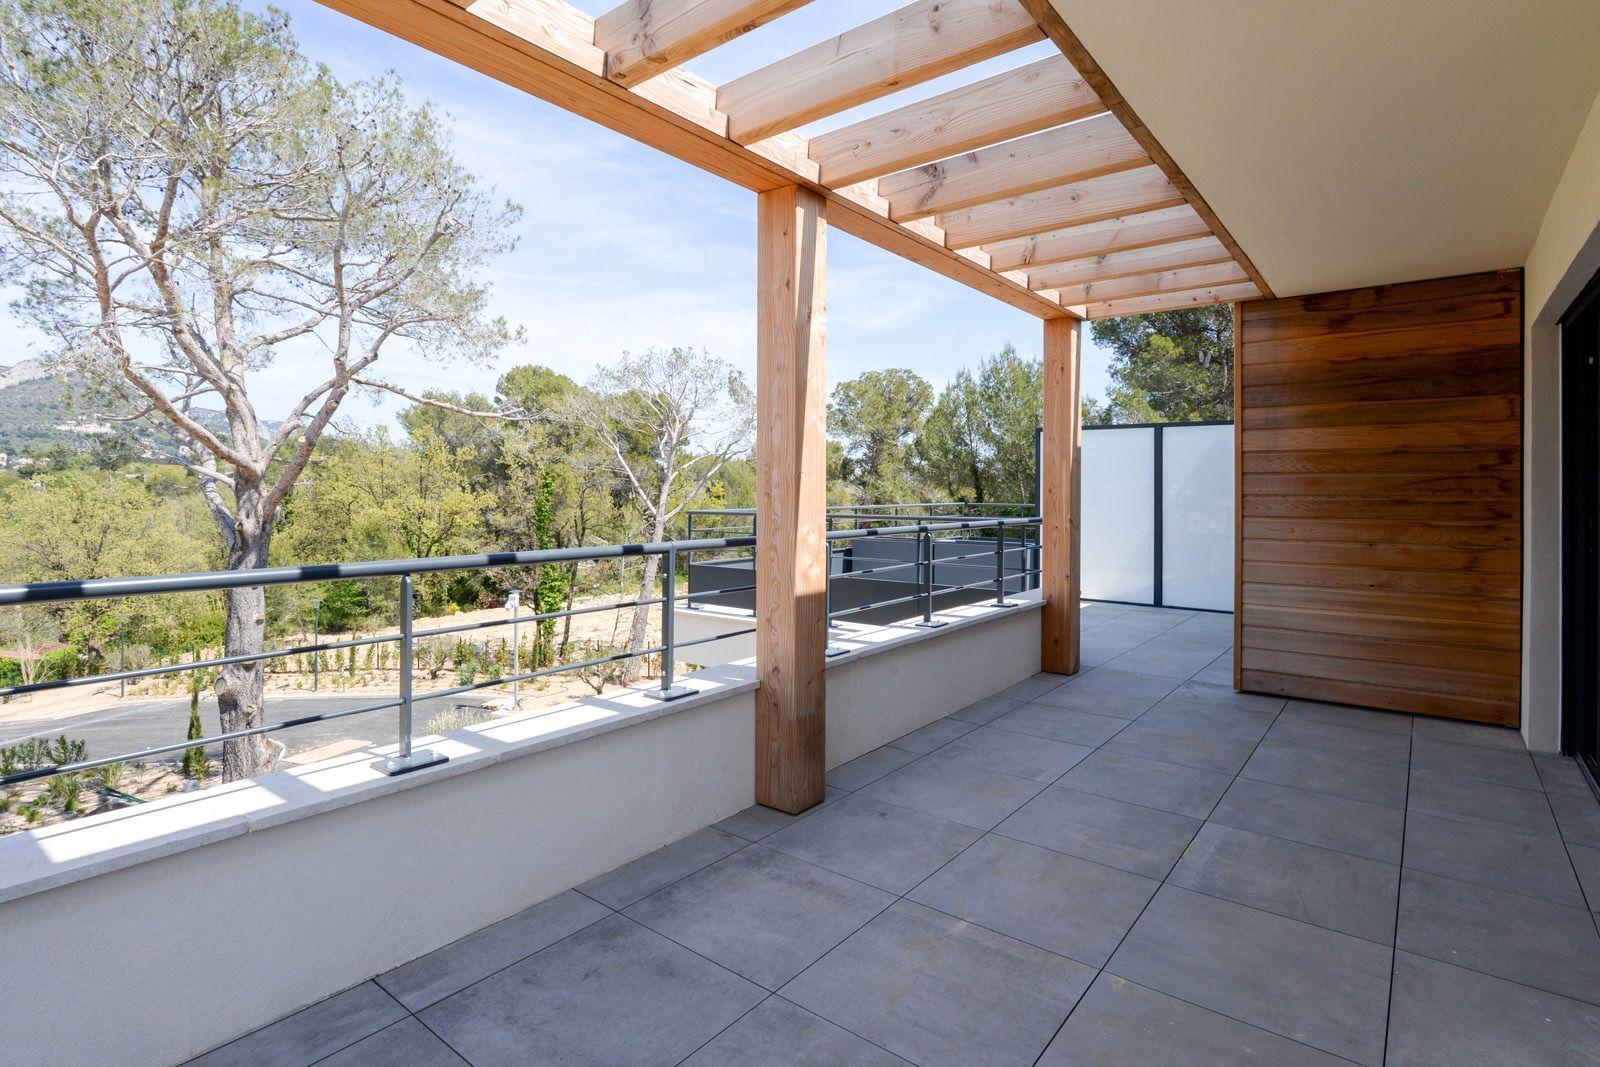 Penthouse pour 6 personnes avec 3 chambres et terrasse spacieuse